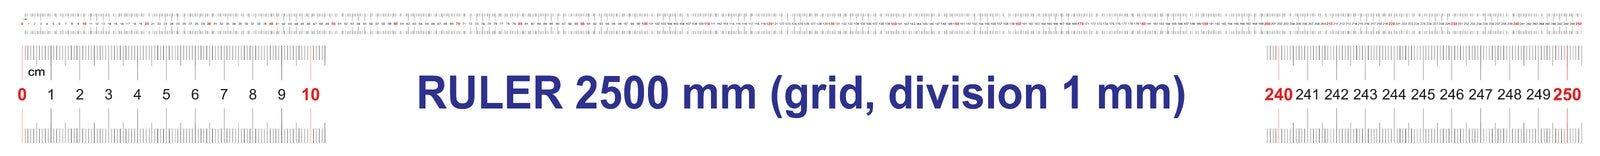 Règle de 2500 millimètres Règle de 250 centimètres Règle de 2,5 mètres Grille de calibrage Division de valeur 1 millimètre